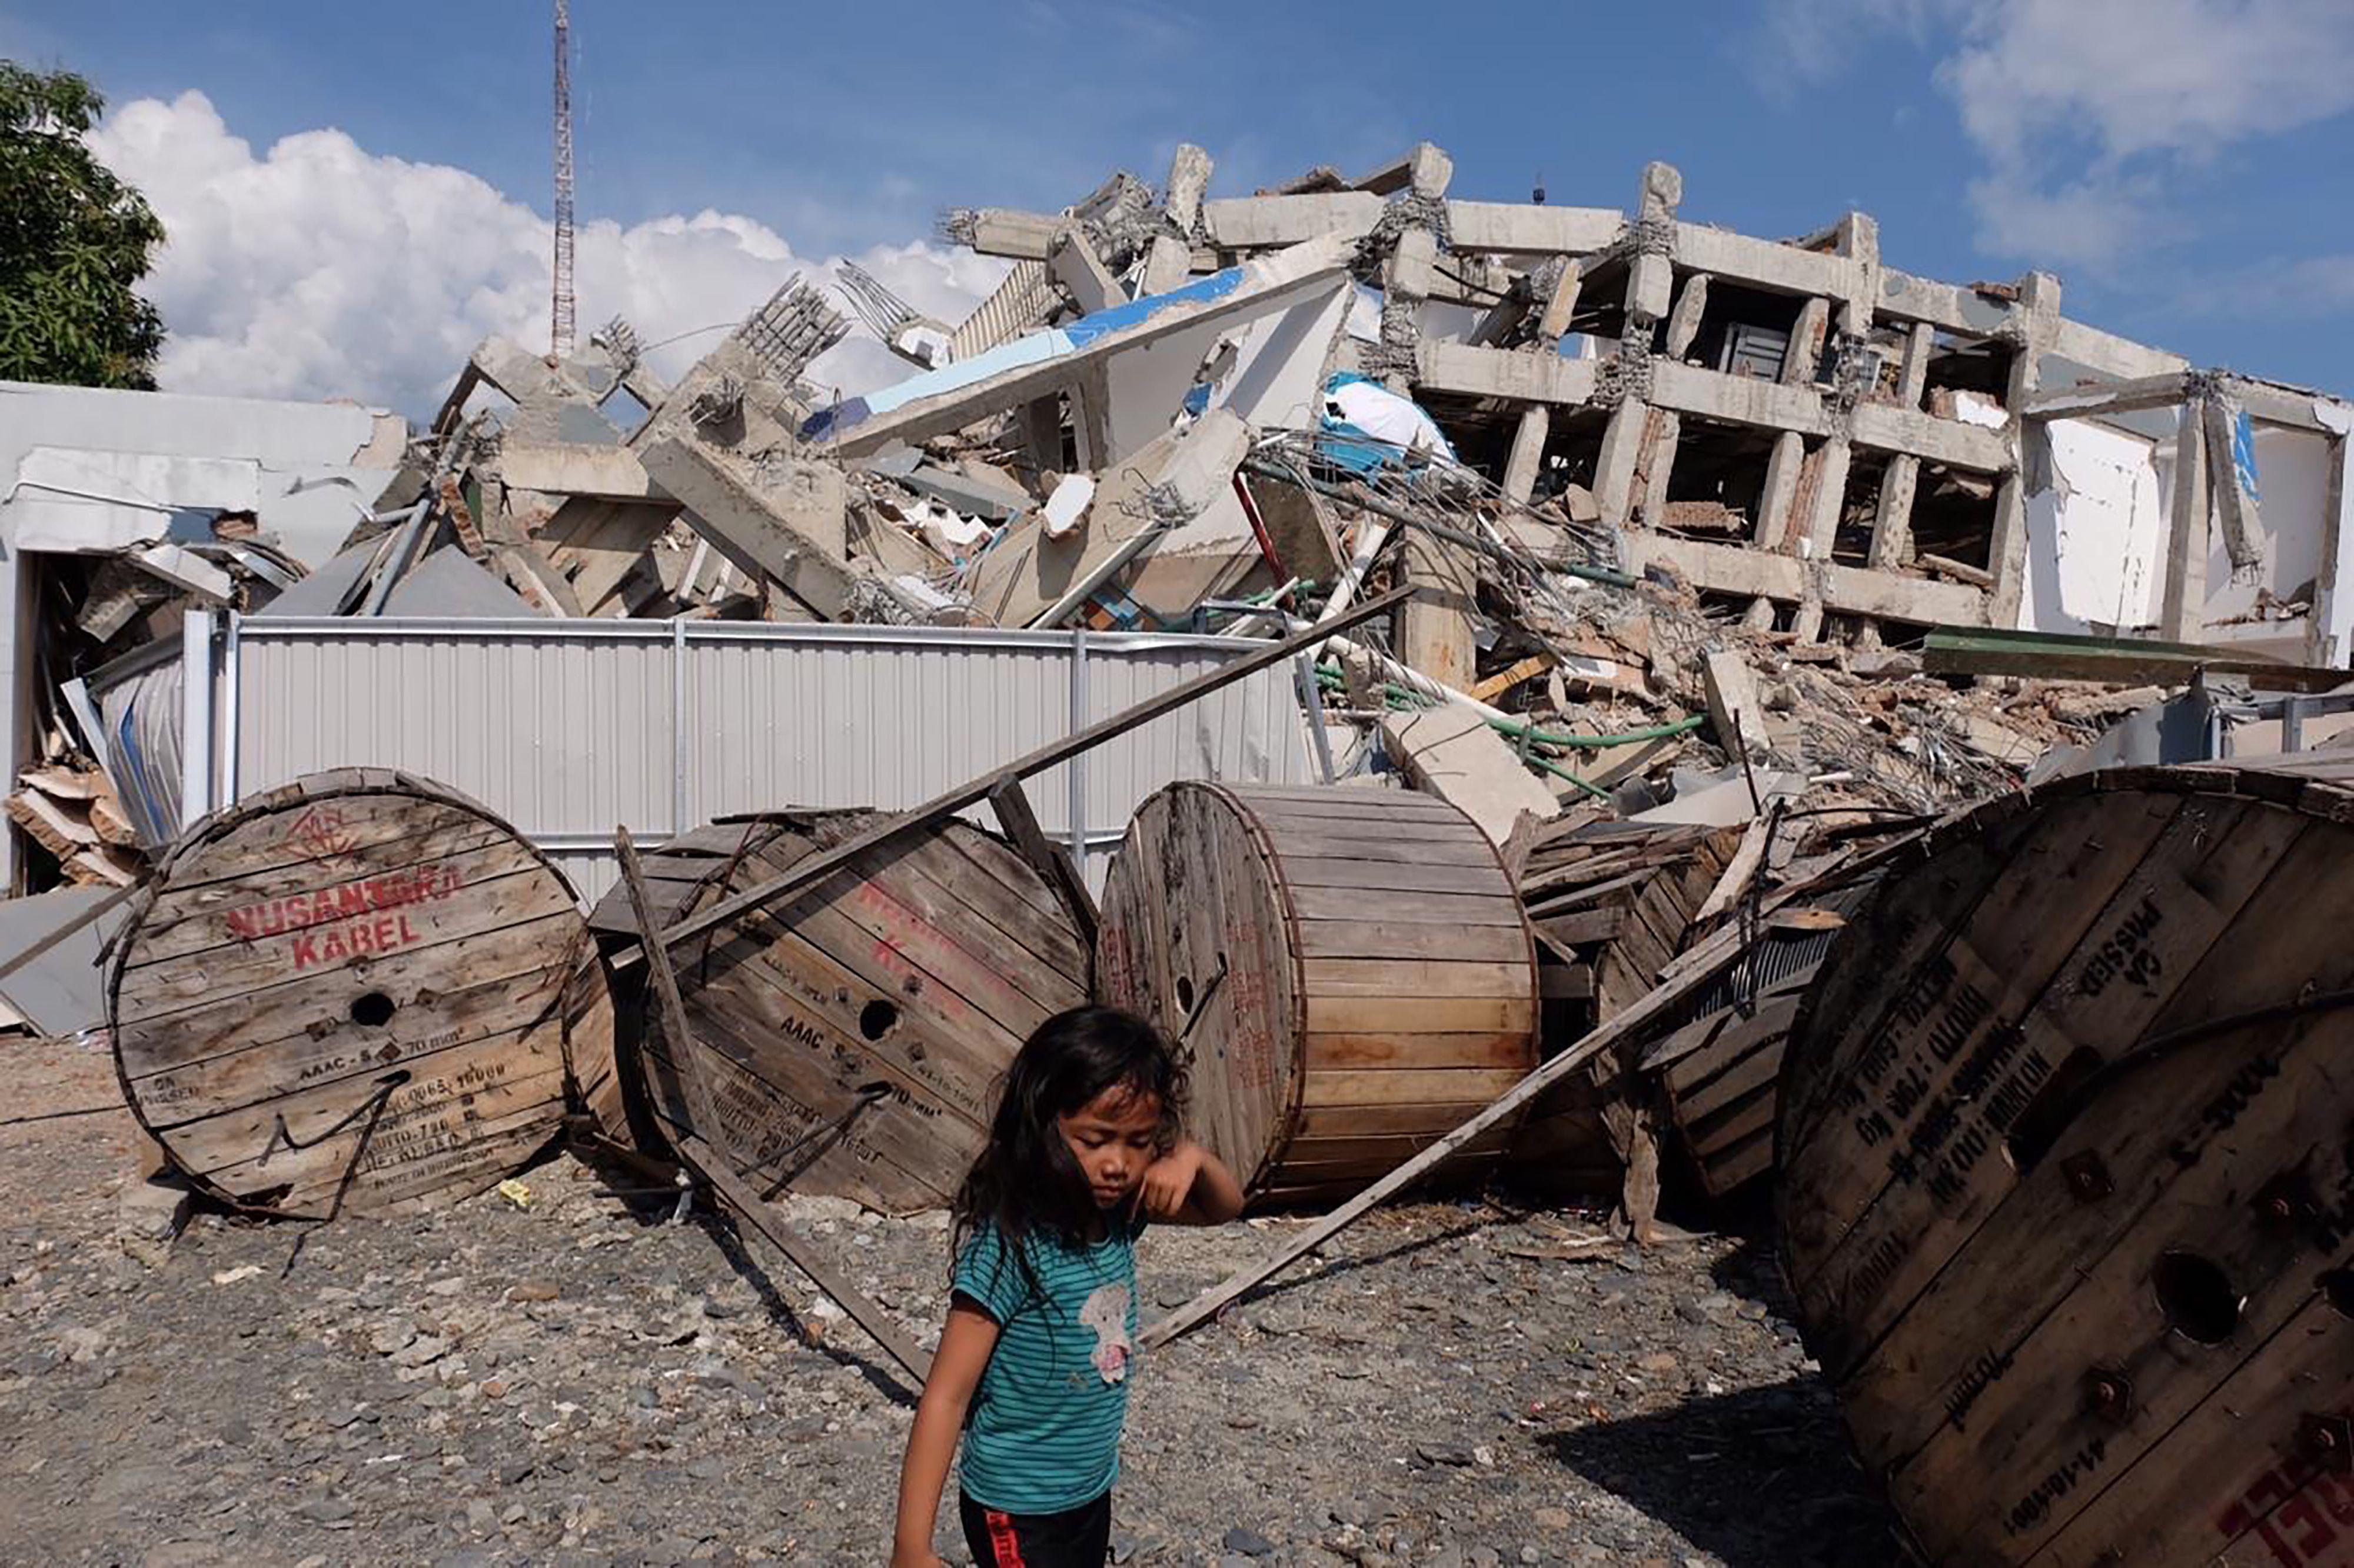 La ONU alerta del peligro de epidemias y de abuso de niños tras la catástrofe en Indonesia